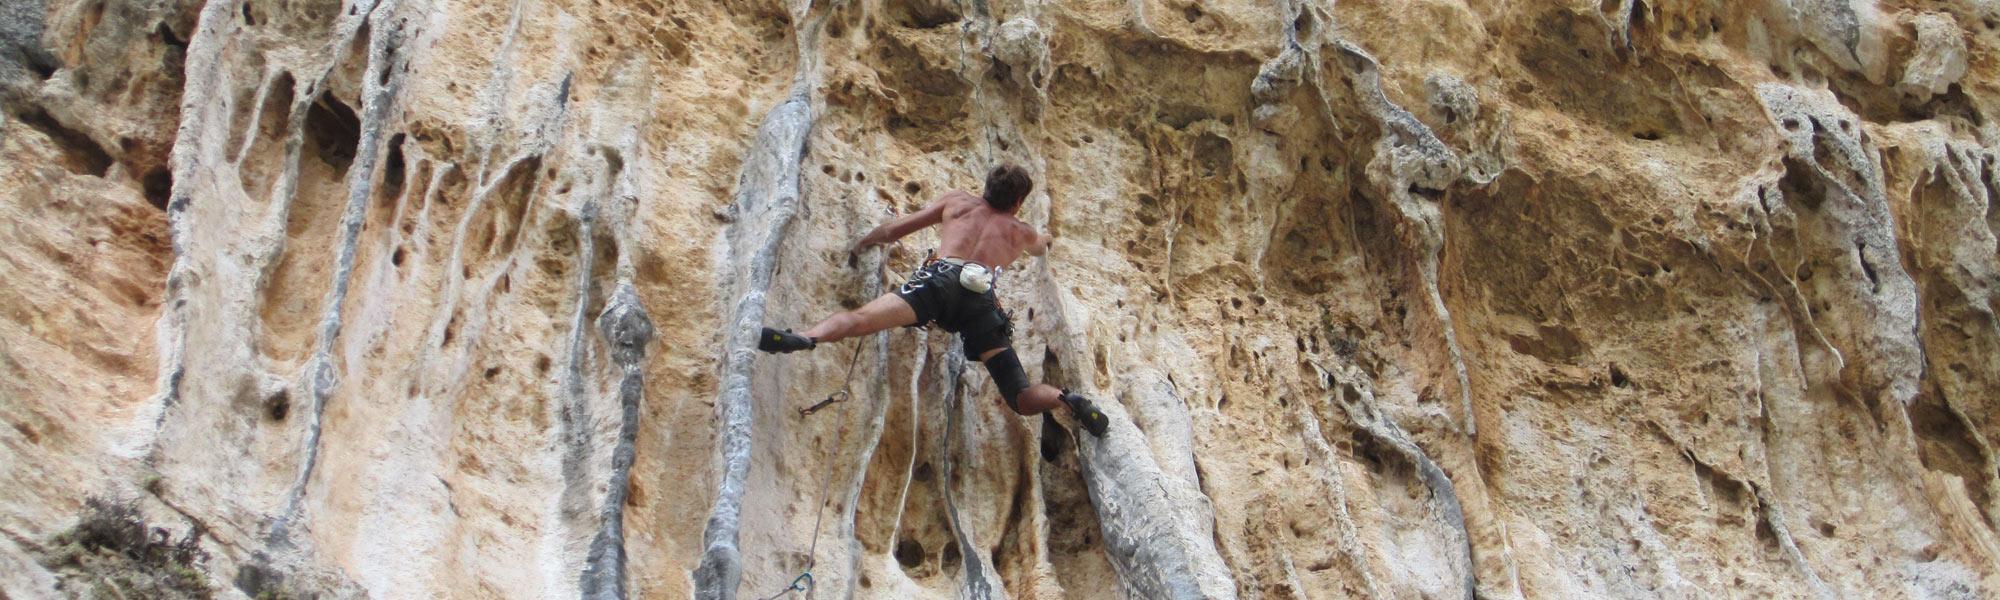 Escalade en falaise Grèce